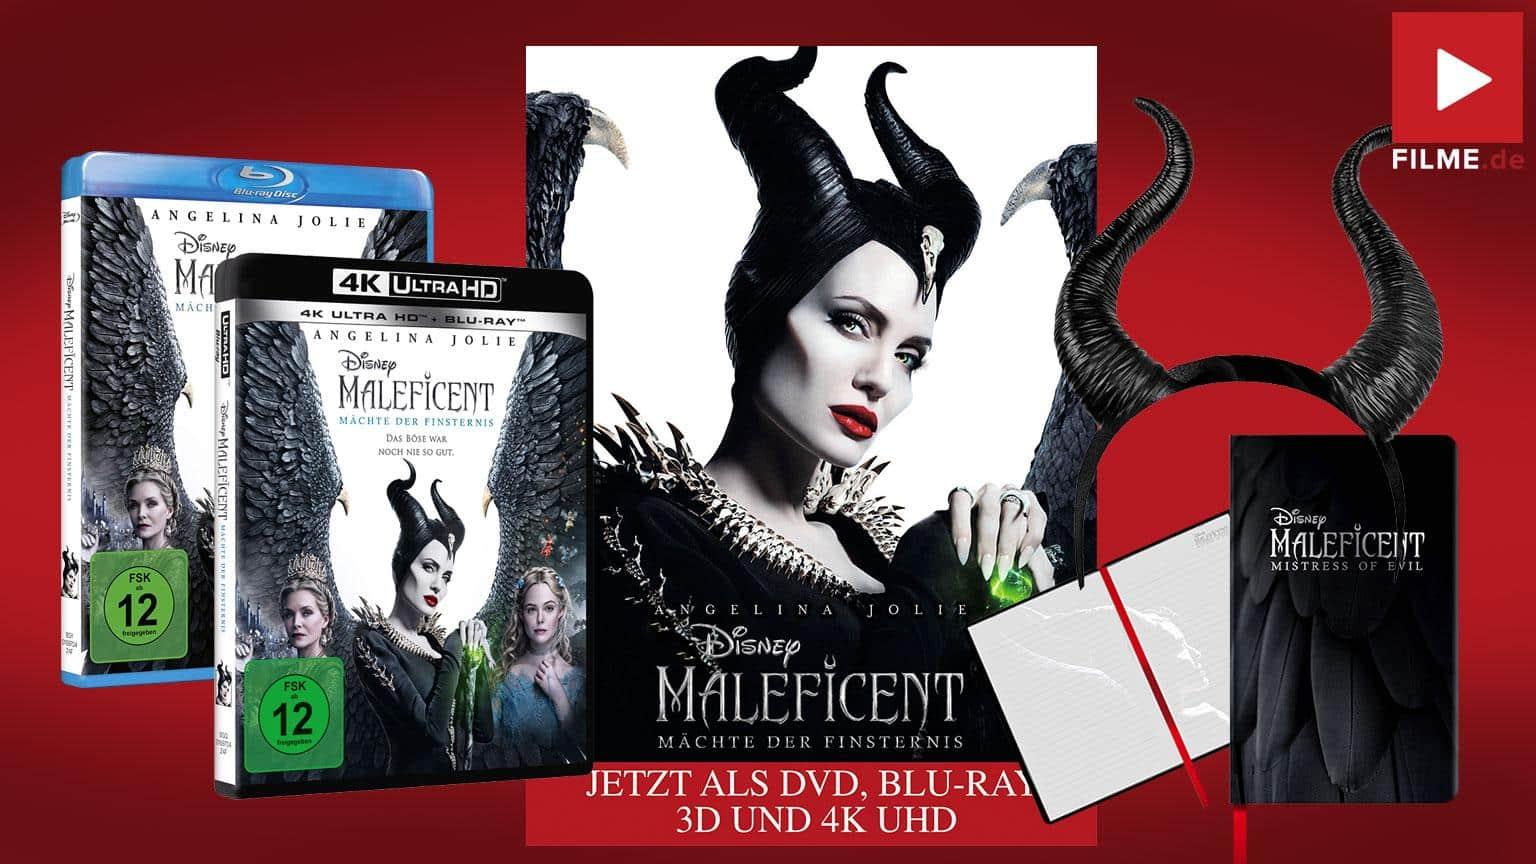 Maleficent: Mächte der Finsternis Blu-ray start 4K UHD Gewinnspiel Artikelbild